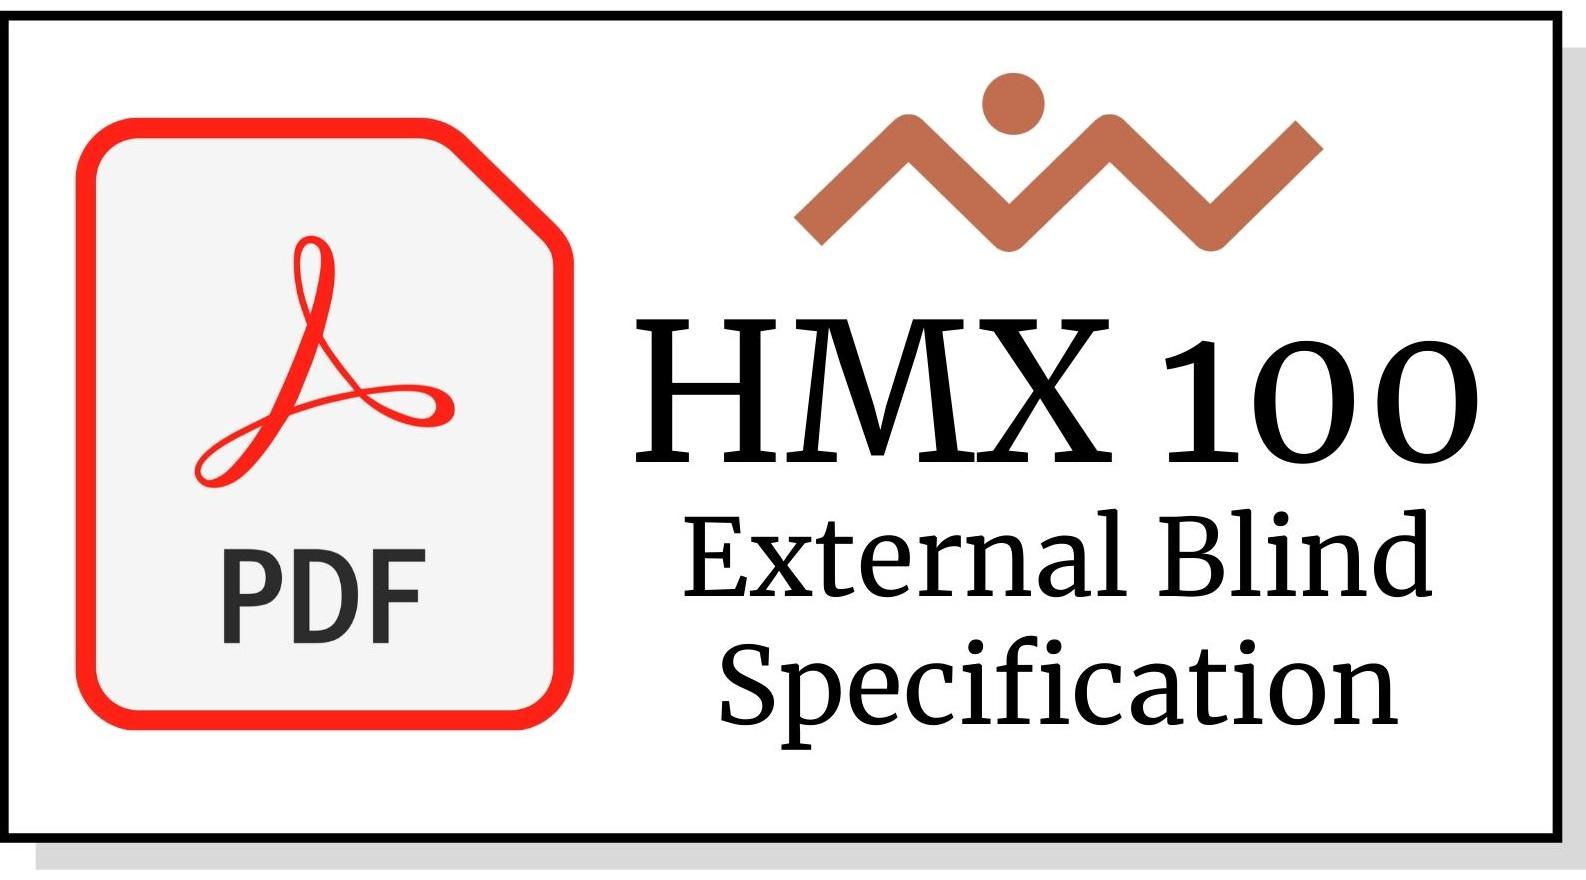 HMX 100 External Blind